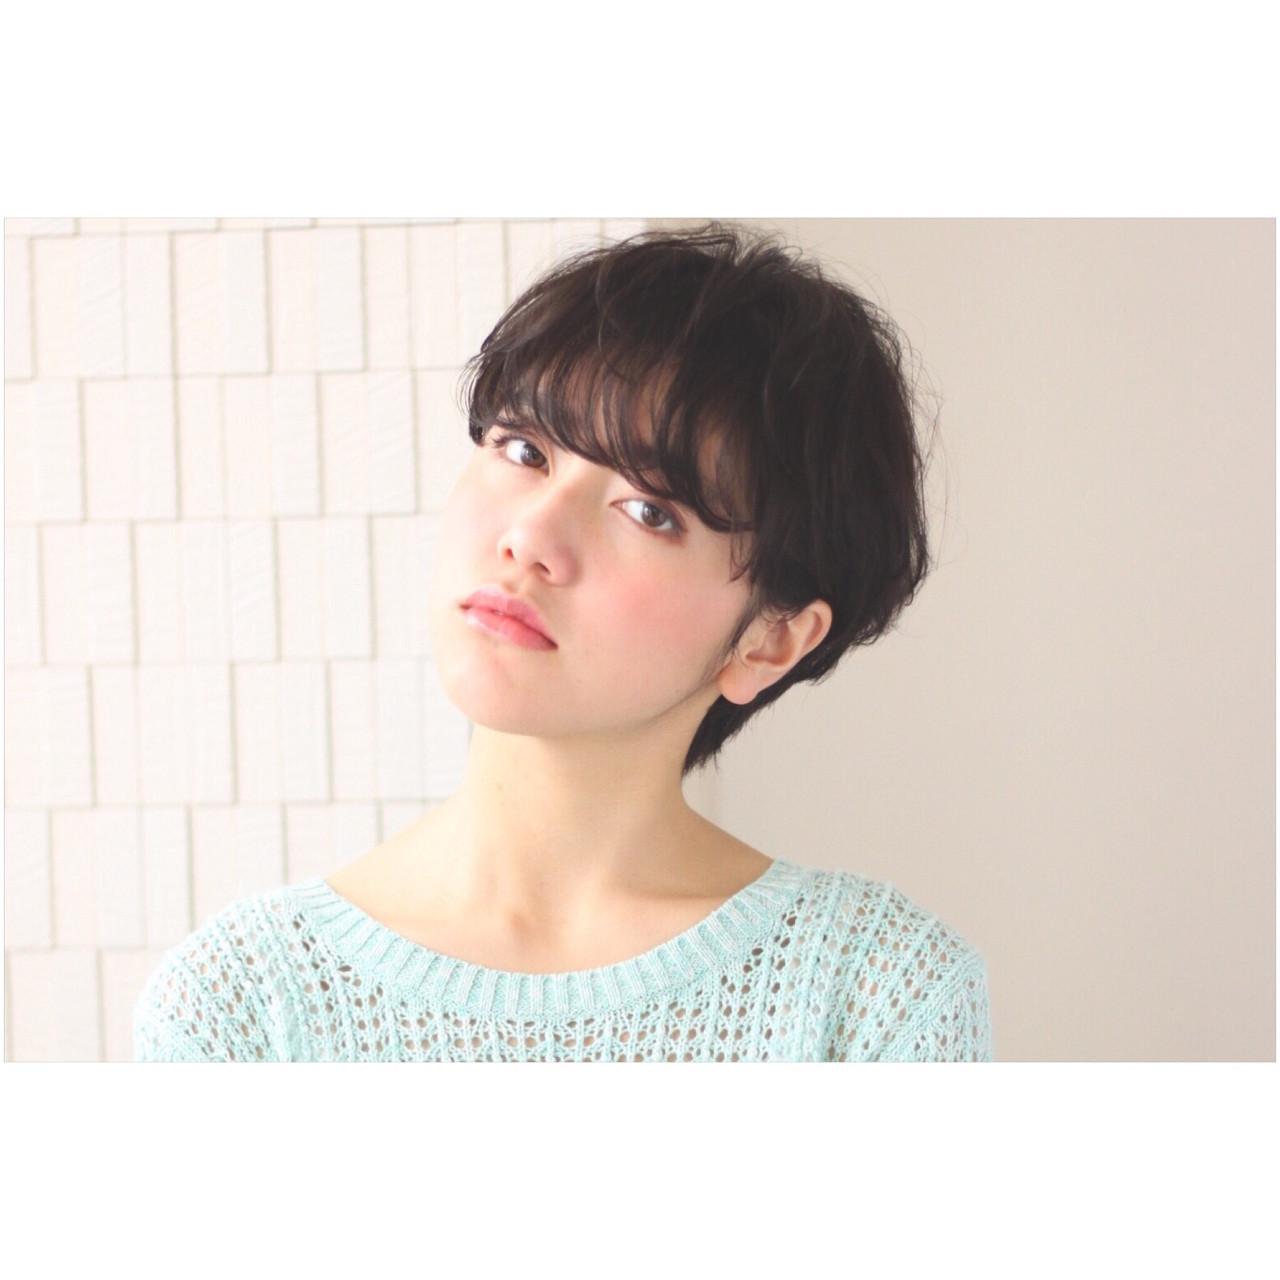 知らなかった?実はオンナ度が高い、魅惑の黒髪ベリーショート♡ 井沢舞花 ZENKO表参道店